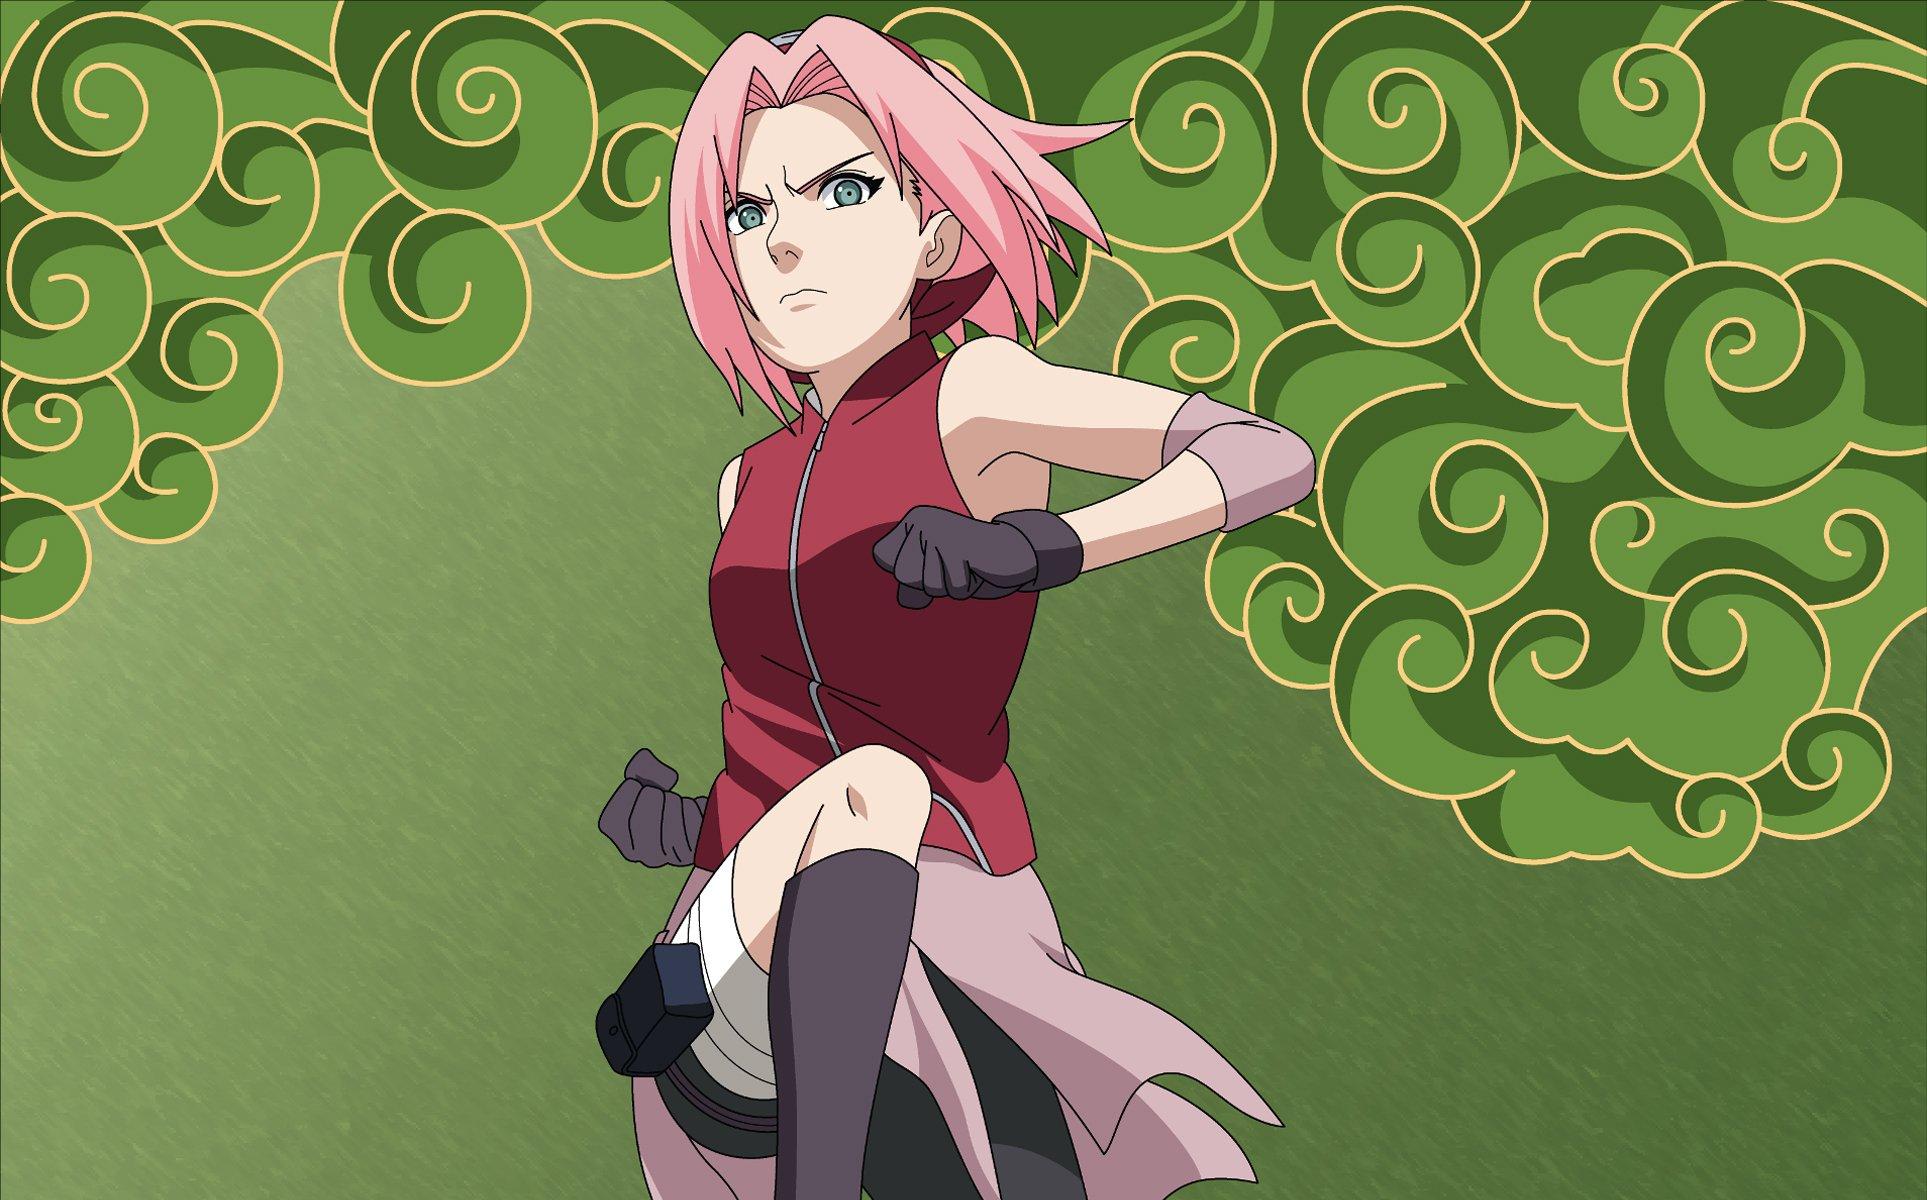 Сакура из аниме наруто картинки